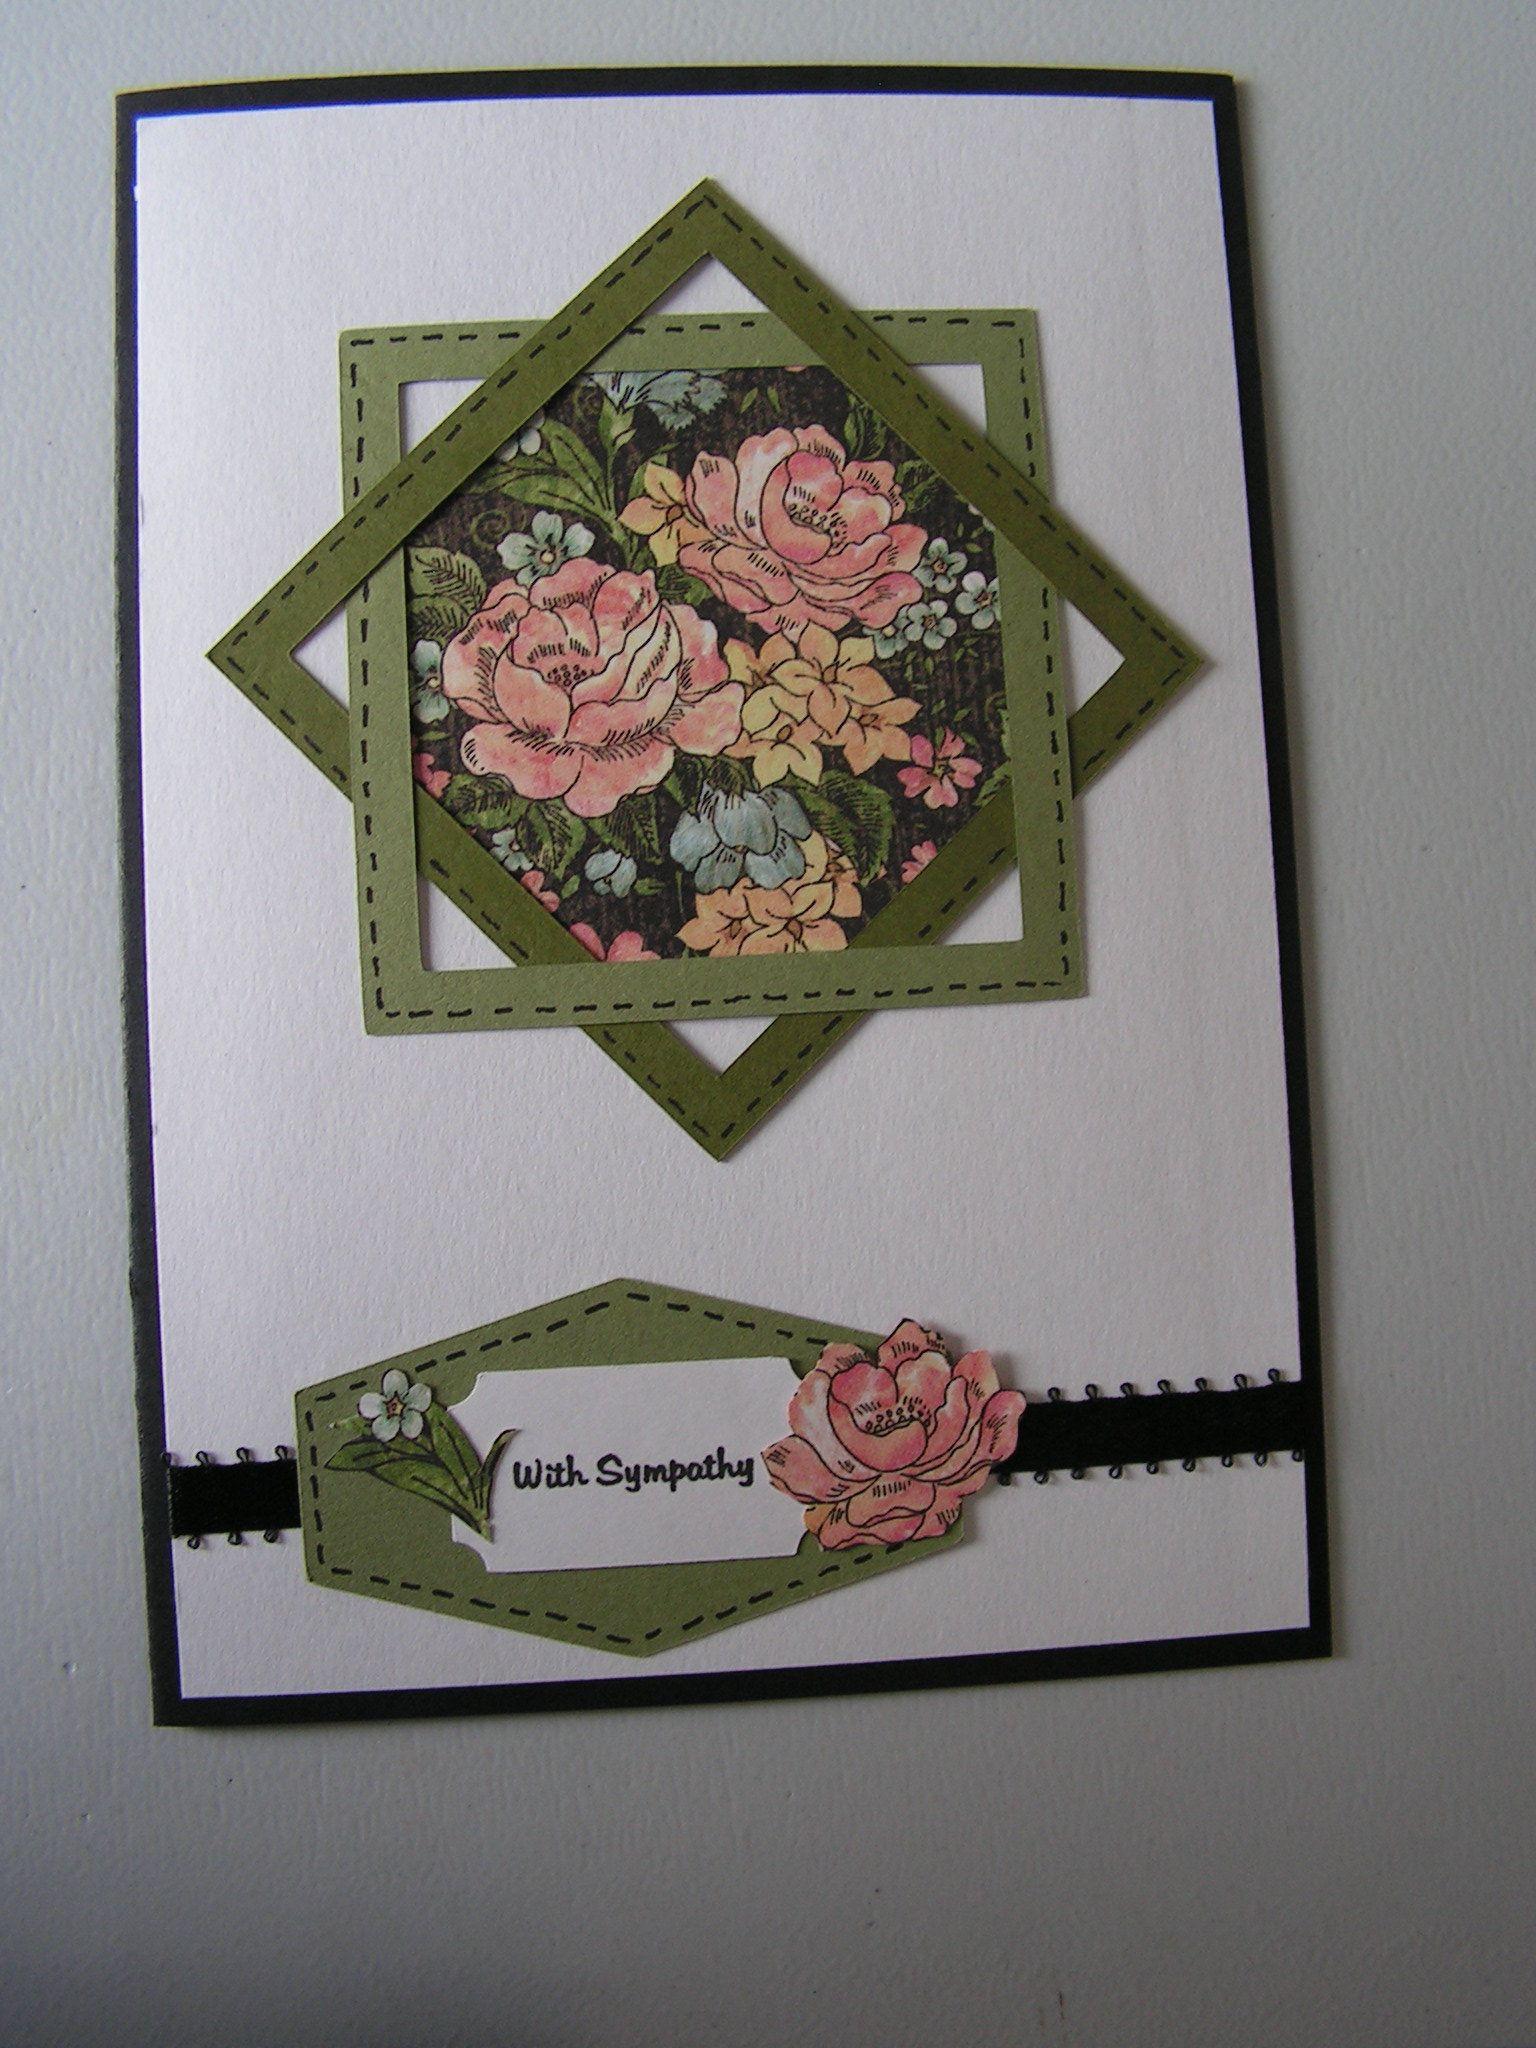 Religious Card, Religious Sympathy Card, Elegant S